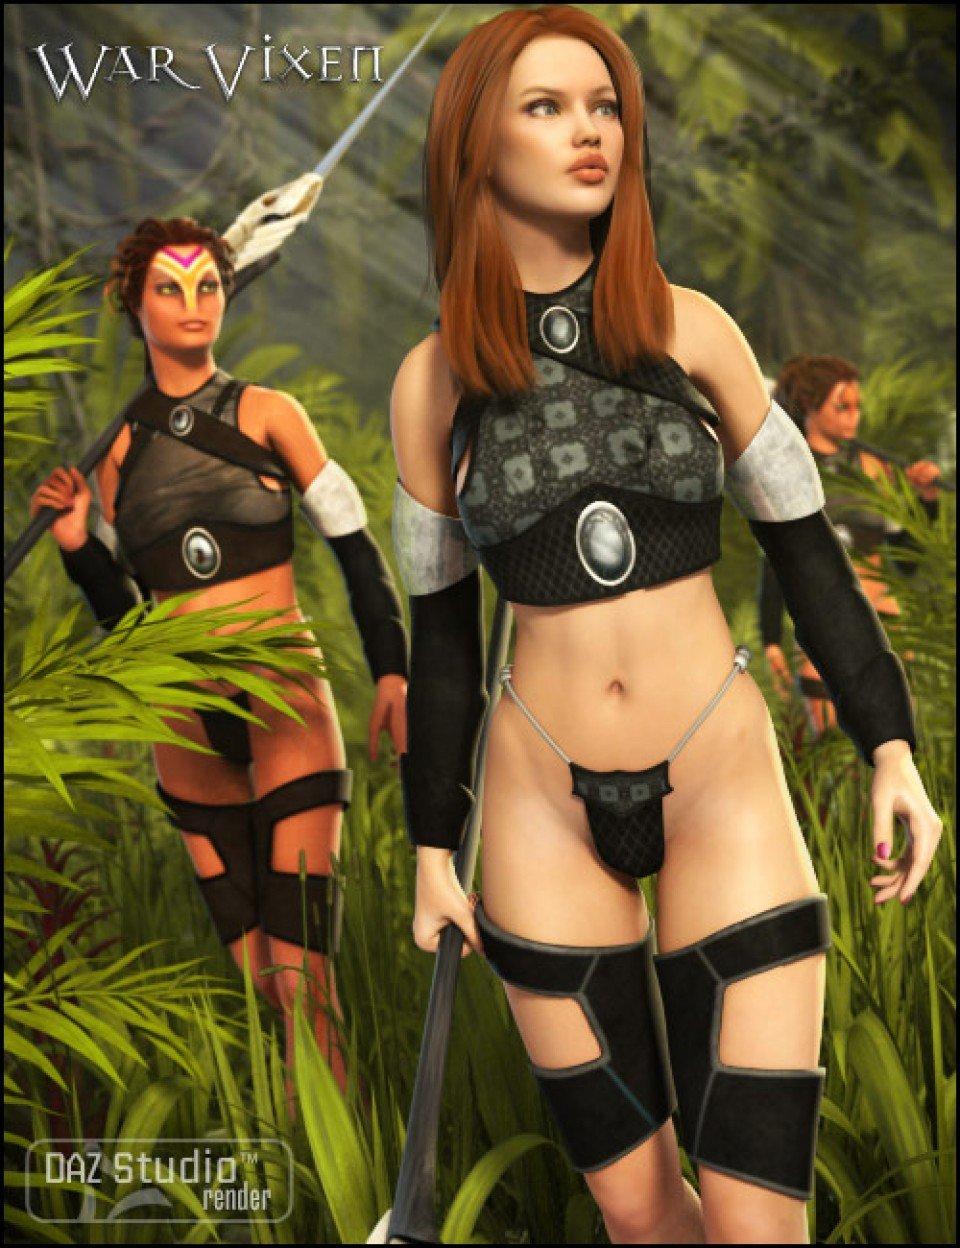 War Vixen & Textures_DAZ3D下载站